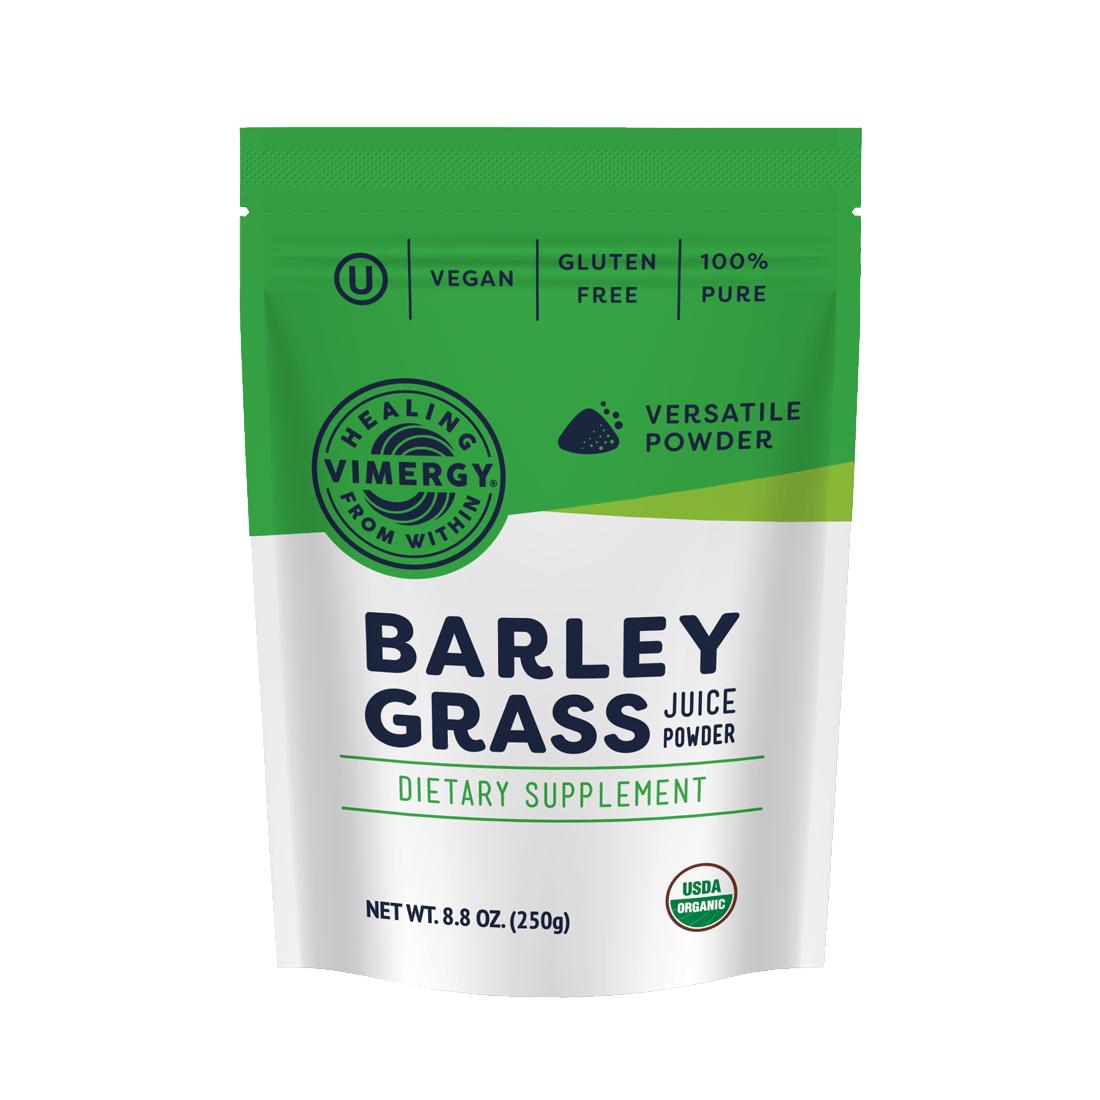 flower-of-life-vimergy-barleygrass-pack-250g-front